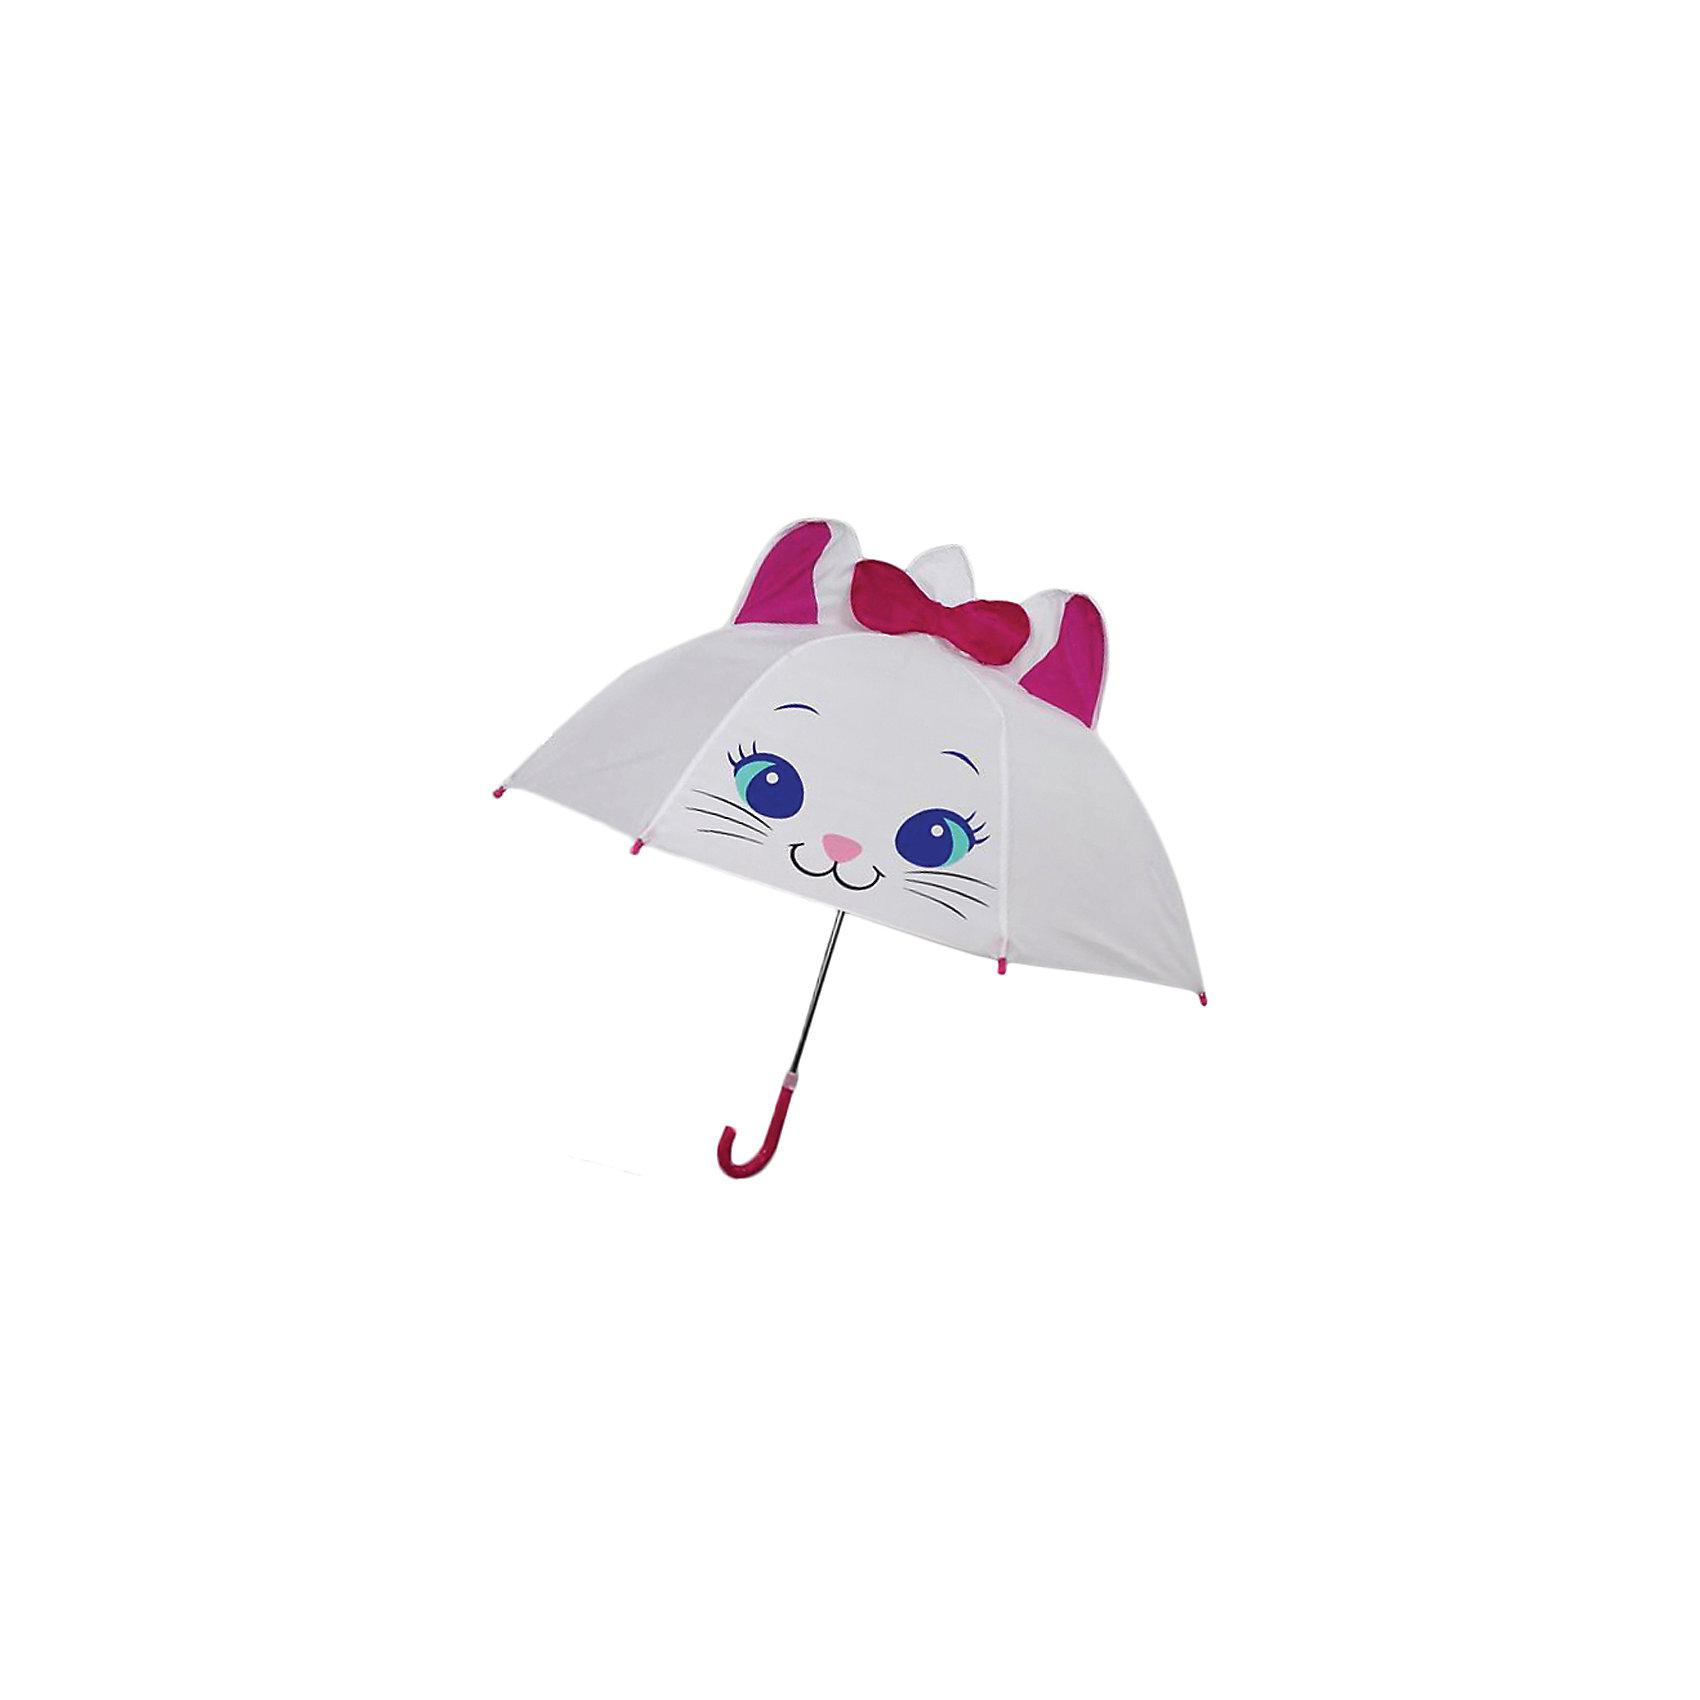 Зонт детский Киска, 46см.Зонты детские<br>Детский зонтик-тросточка Киска защитит ребенка от непогоды, потому что не боится дождя и ветра благодаря прочному креплению купола к каркасу. Изогнутая ручка позволяет крепко держать зонт в руках. Технические характеристики: Механическая система складывания; Концы спиц закрыты пластиковыми шариками; Пластиковый фиксатор на стержне зонтика; Радиус купола - 46 см.<br><br>Ширина мм: 580<br>Глубина мм: 600<br>Высота мм: 800<br>Вес г: 250<br>Возраст от месяцев: 36<br>Возраст до месяцев: 2147483647<br>Пол: Женский<br>Возраст: Детский<br>SKU: 5508511